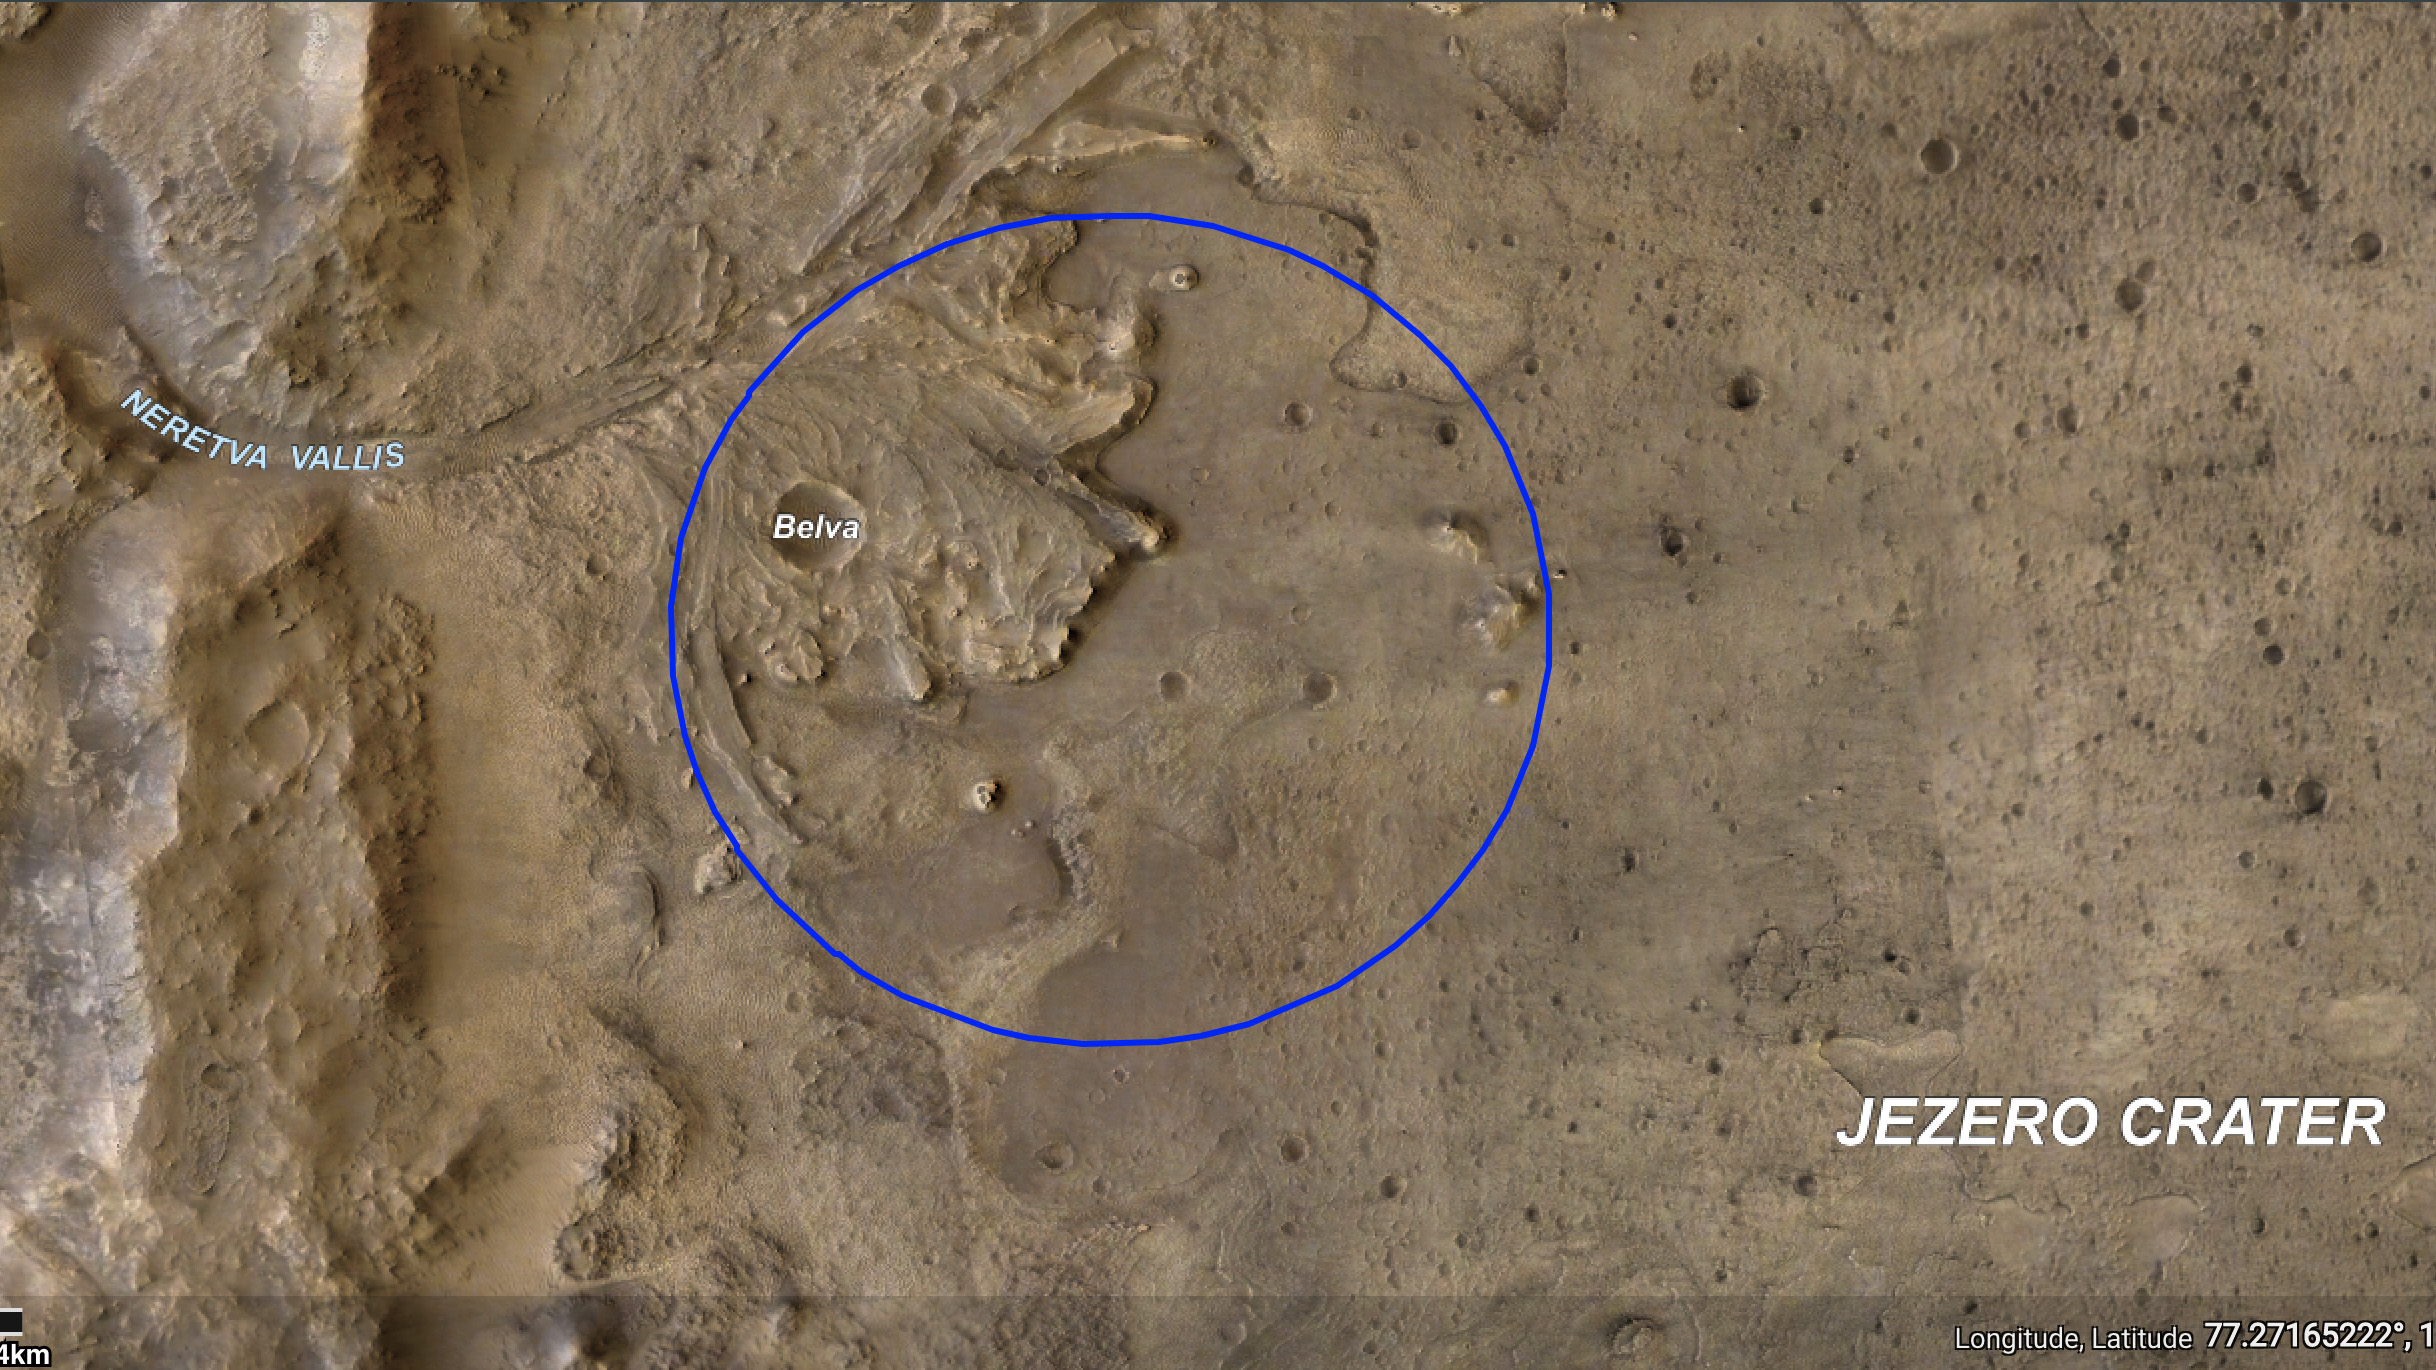 L'équipe de la NASA cible une certaine zone du cratère Jezero (ellipse bleue) pour atterrir.  Ils ont choisi l'emplacement avec la mission de la persévérance à l'esprit: ils recherchent des signes de la vie microbienne ancienne.  Pour trouver ces indices, Perseverance recueillera des échantillons de roches et de régolithes, ou de roches brisées et de poussière.